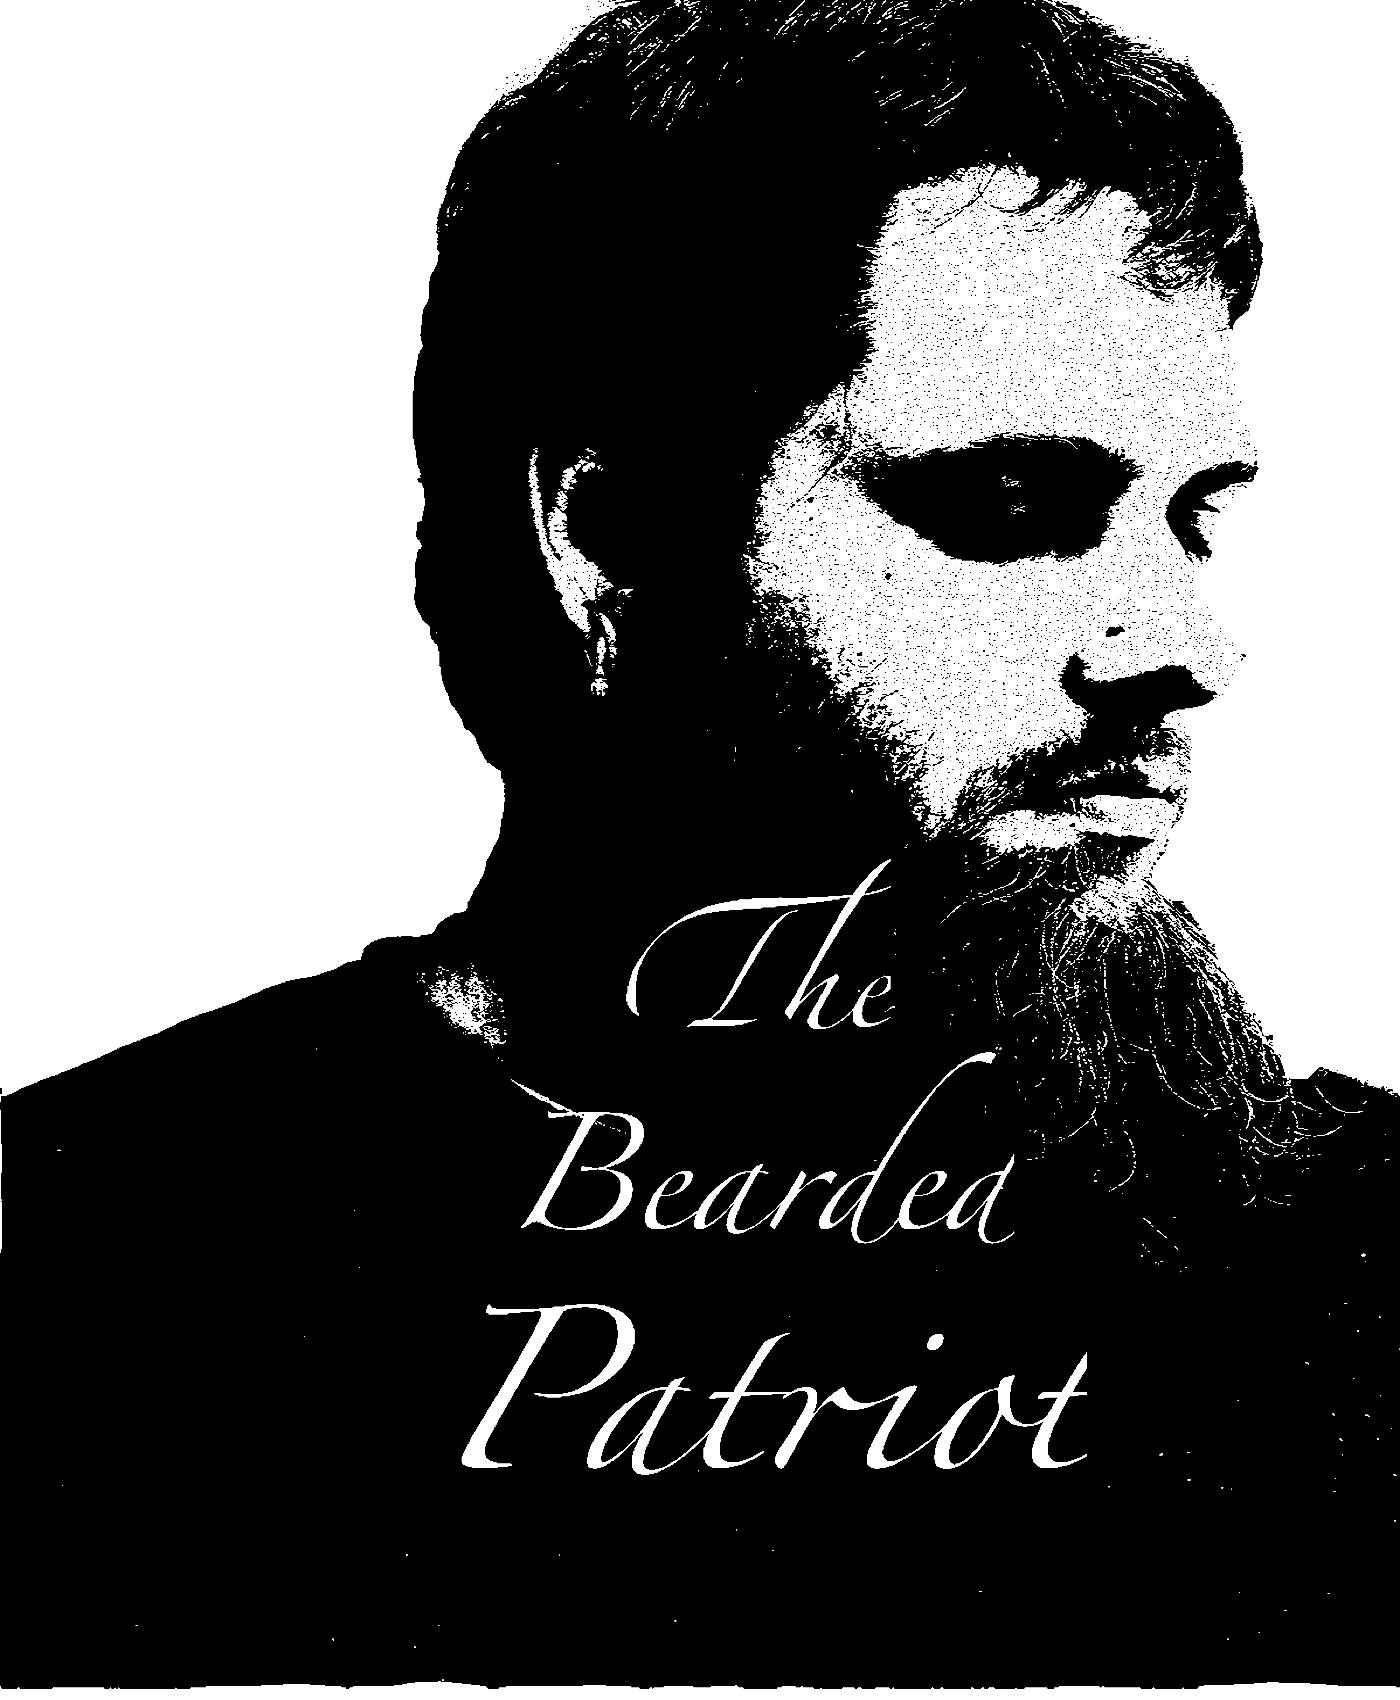 The BeardCast